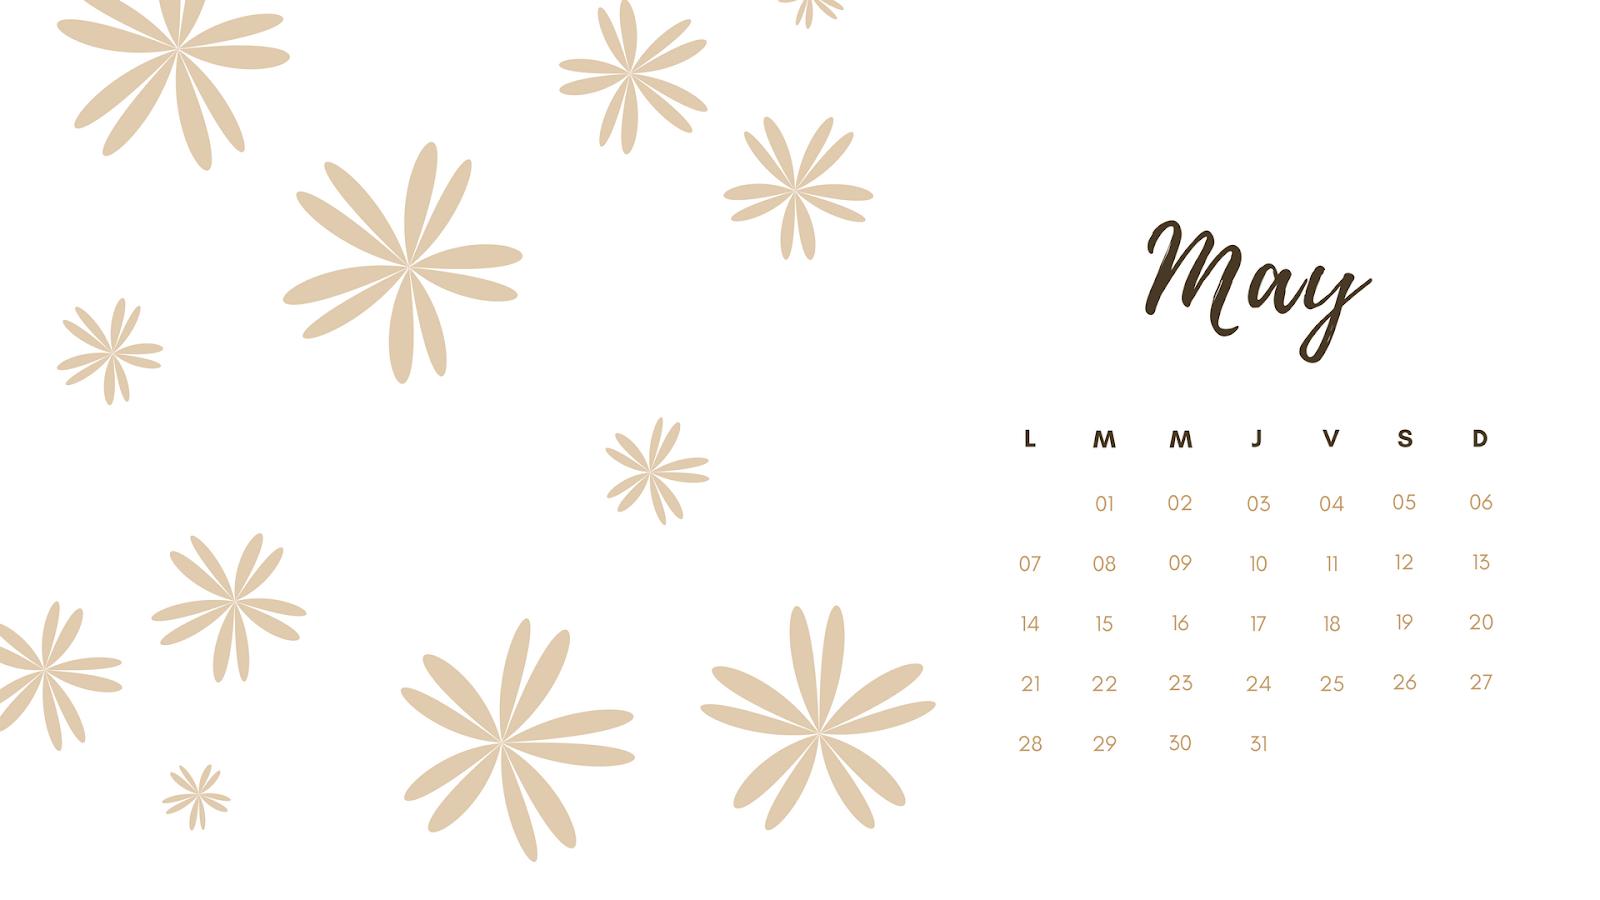 Calendarios para descargar Mayo 2018 wallpaper bonito